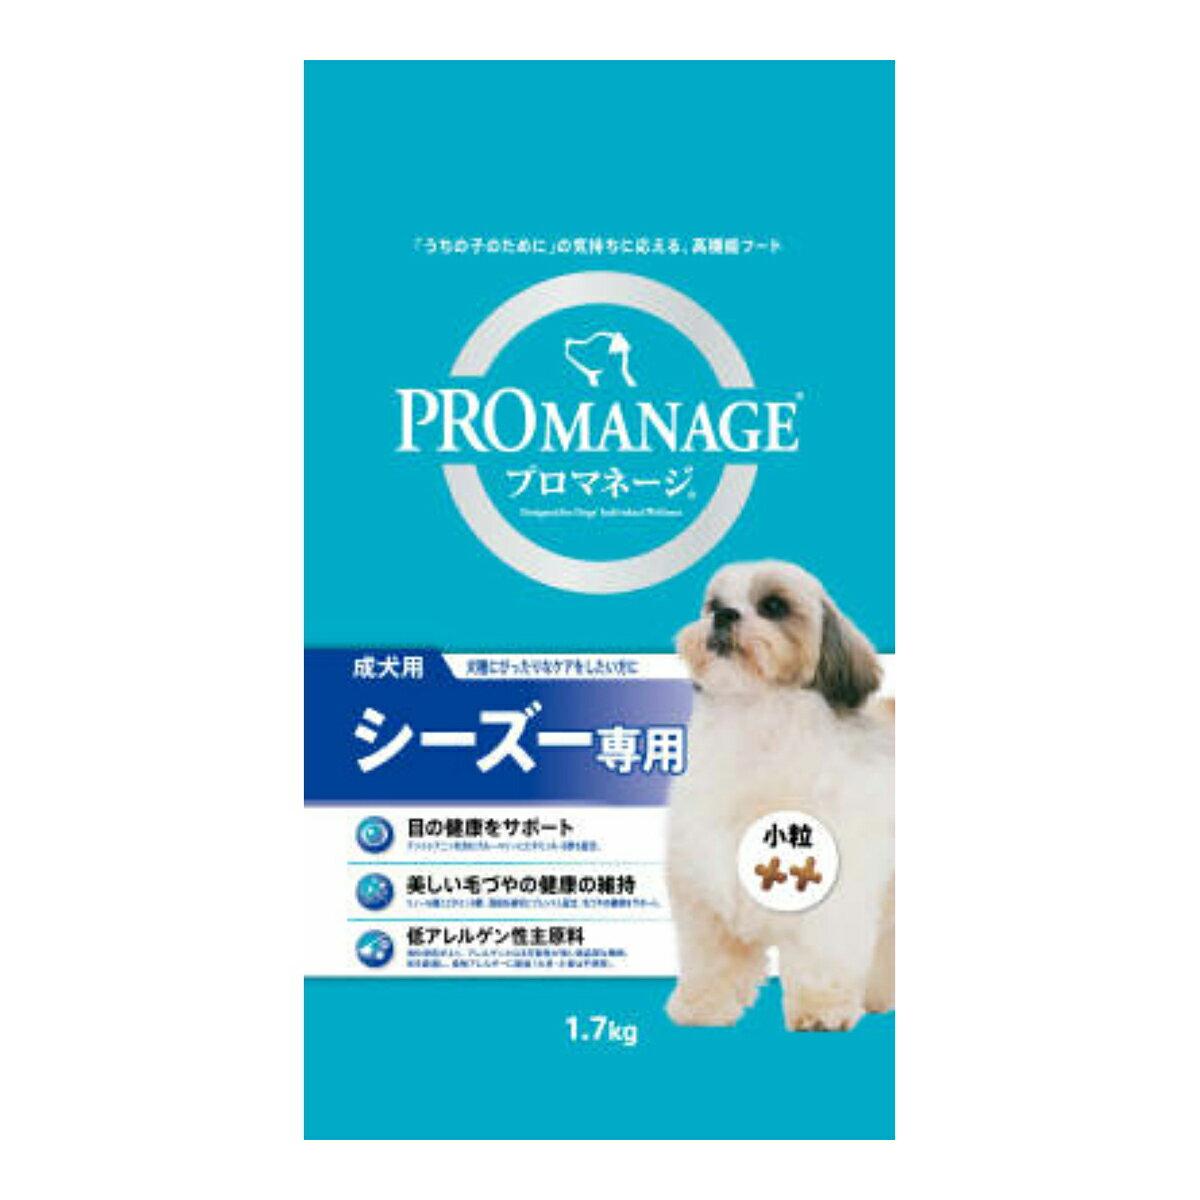 KPM44 プロマネージ 成犬用 シーズー専用 1.7KG (4902397837145)